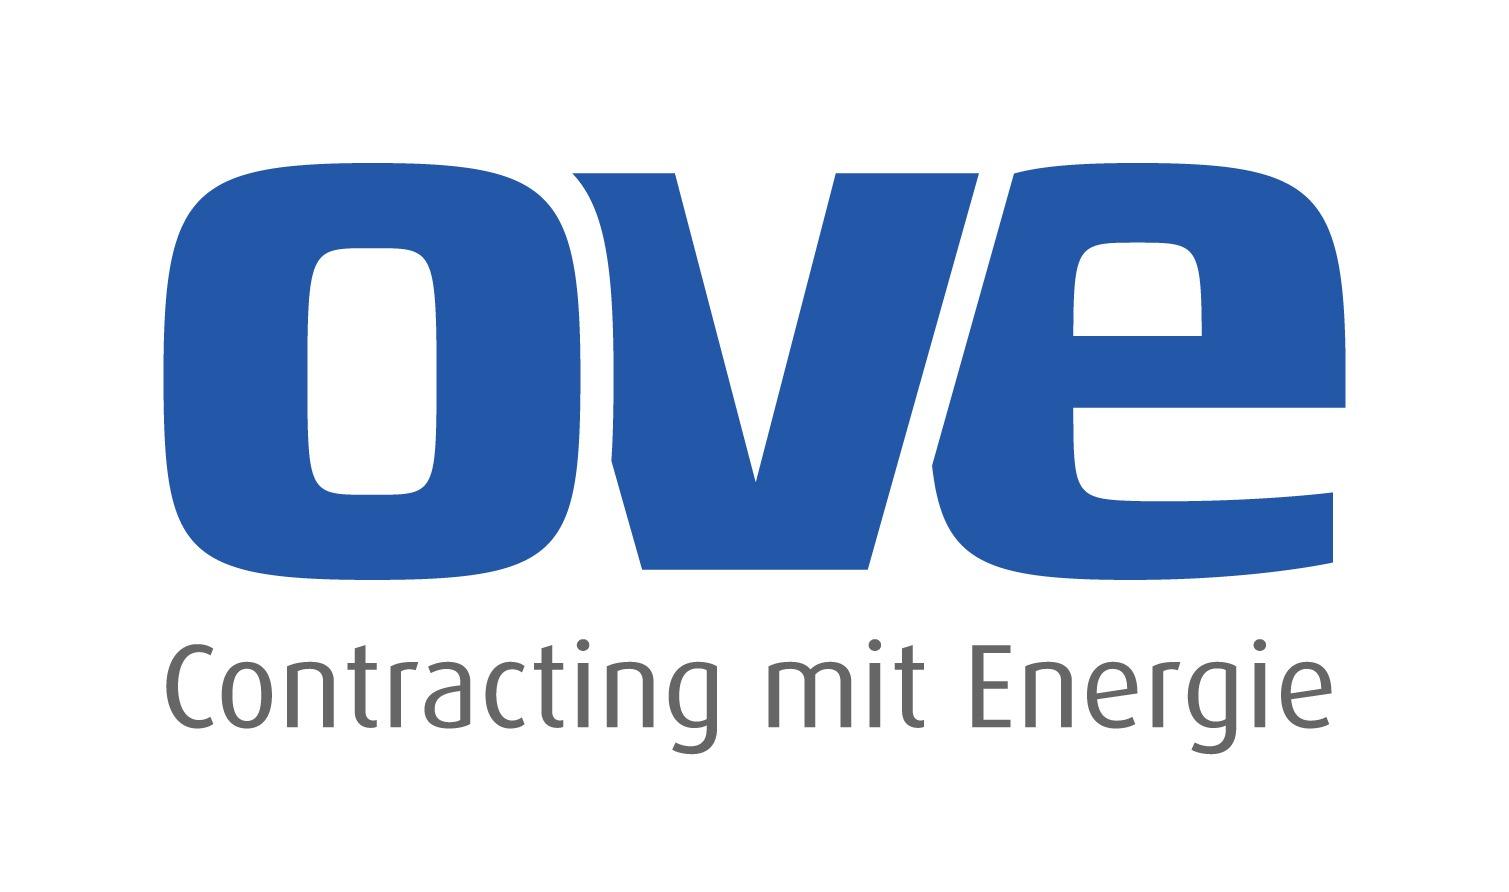 OVEObjekt-Versorgung mit rationellem Energieeinsatz GmbH & Co. KG